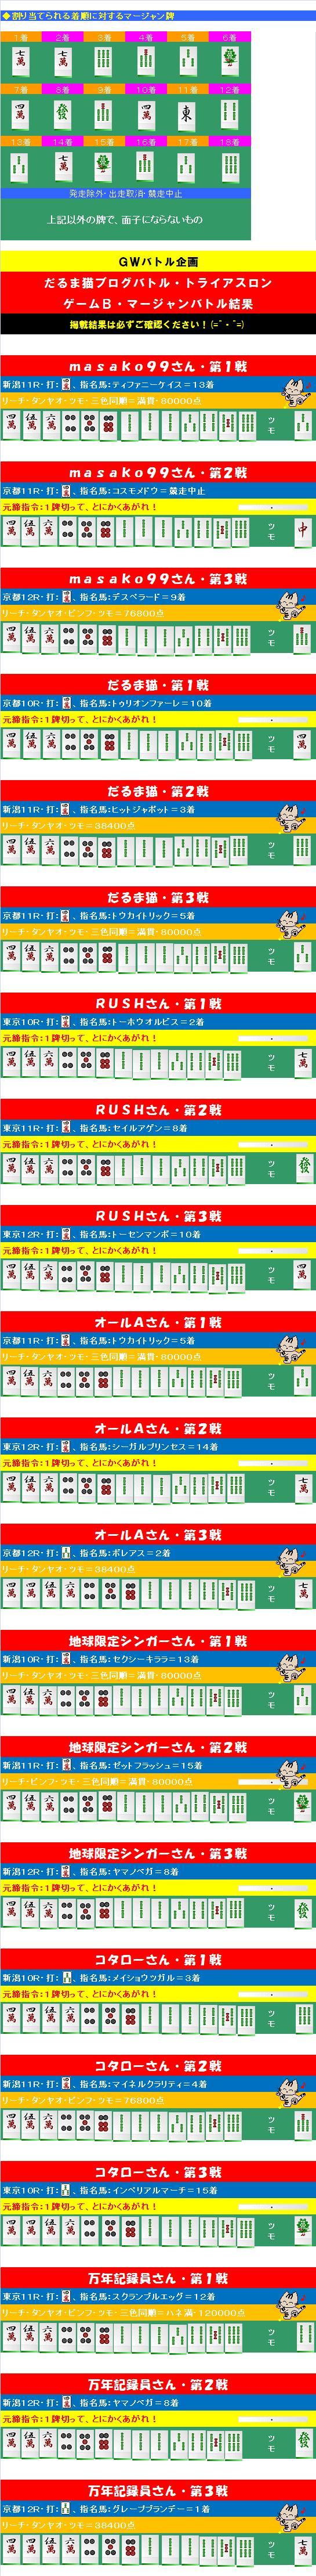 20110504・マージャンバトル結果.jpg